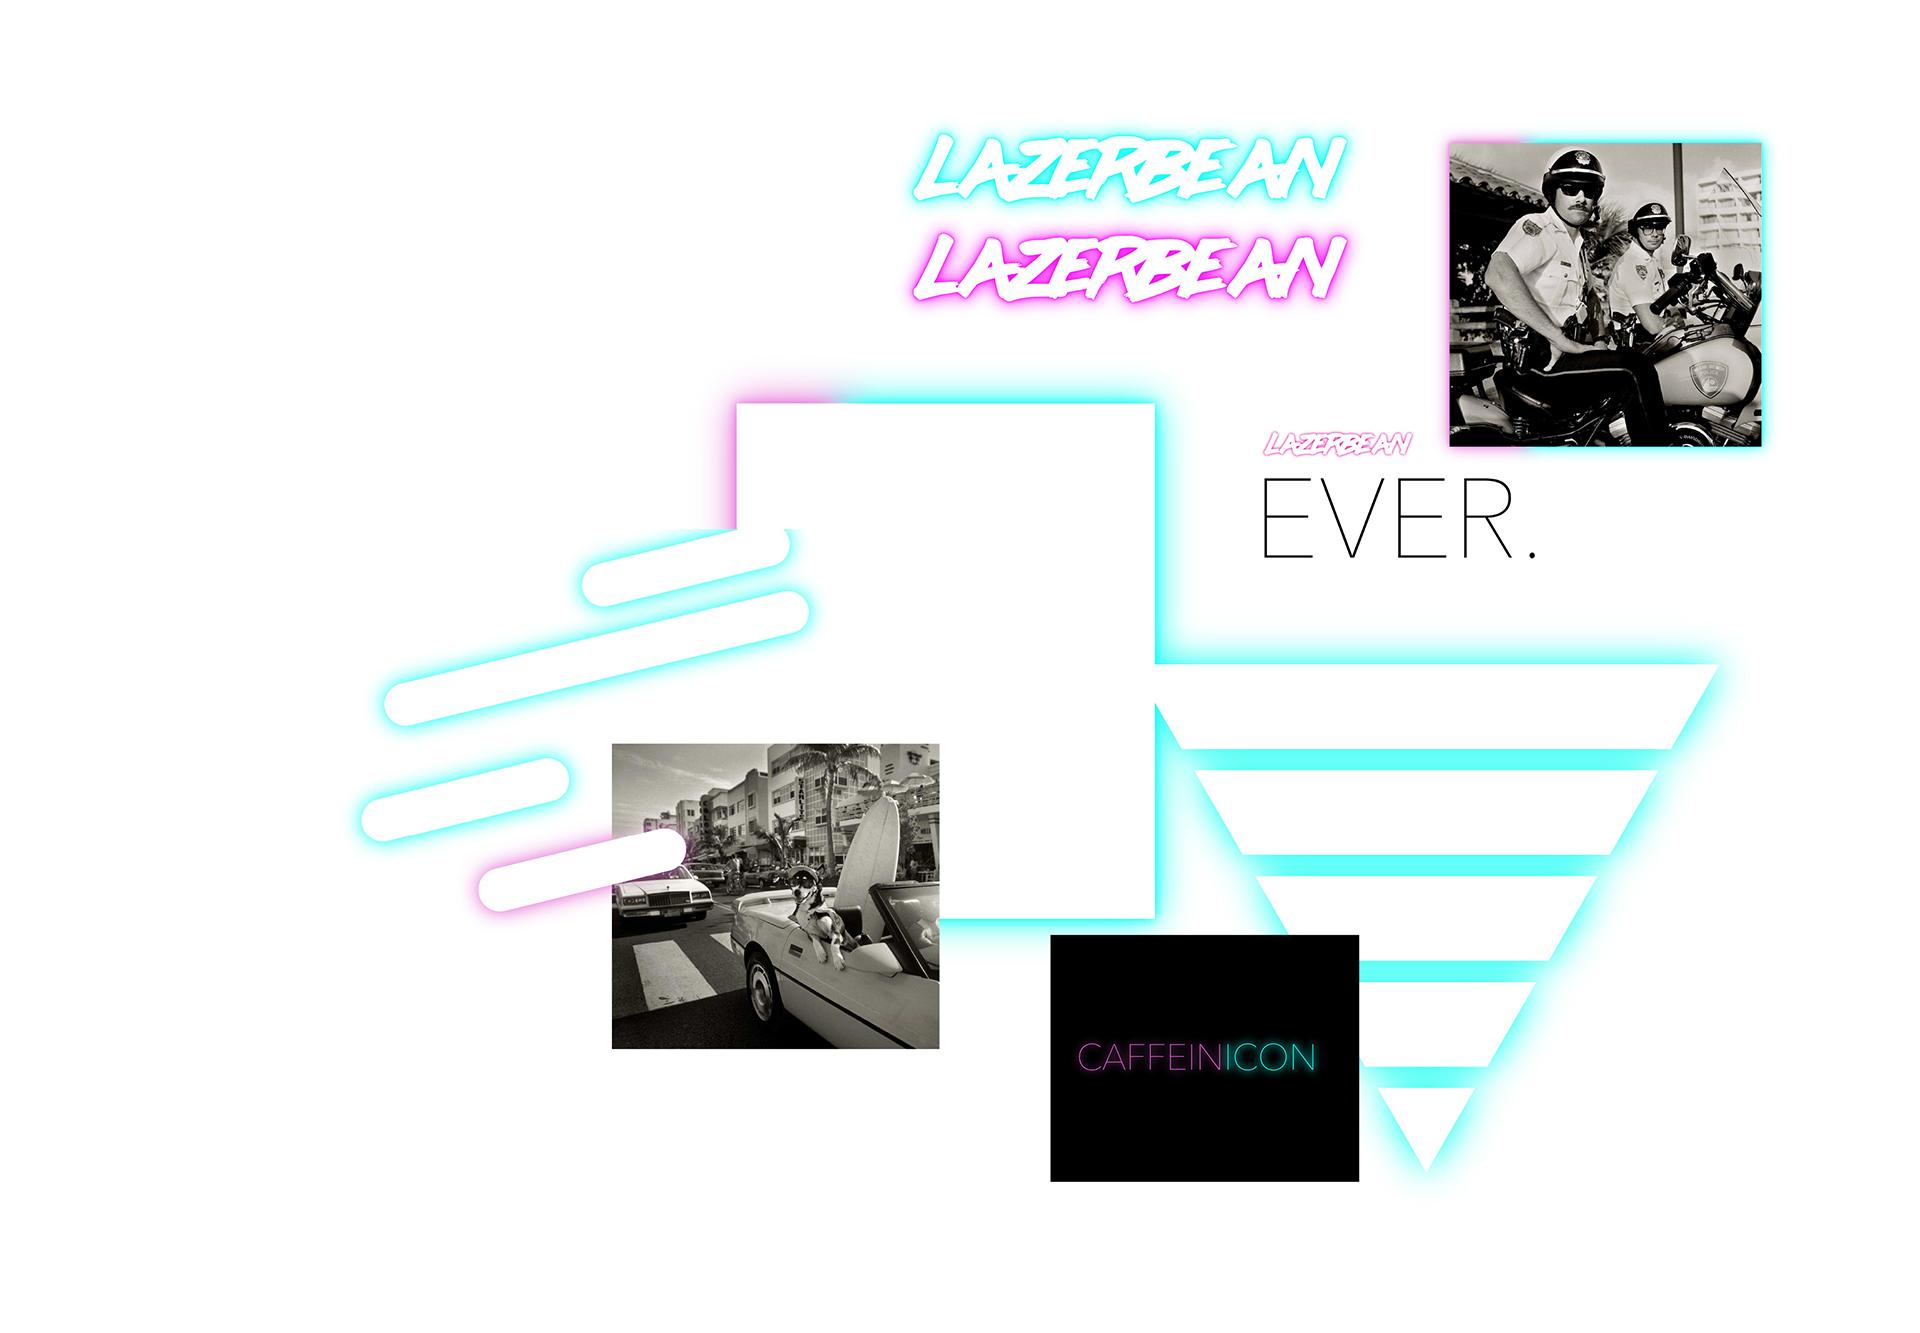 Lazerbean_005